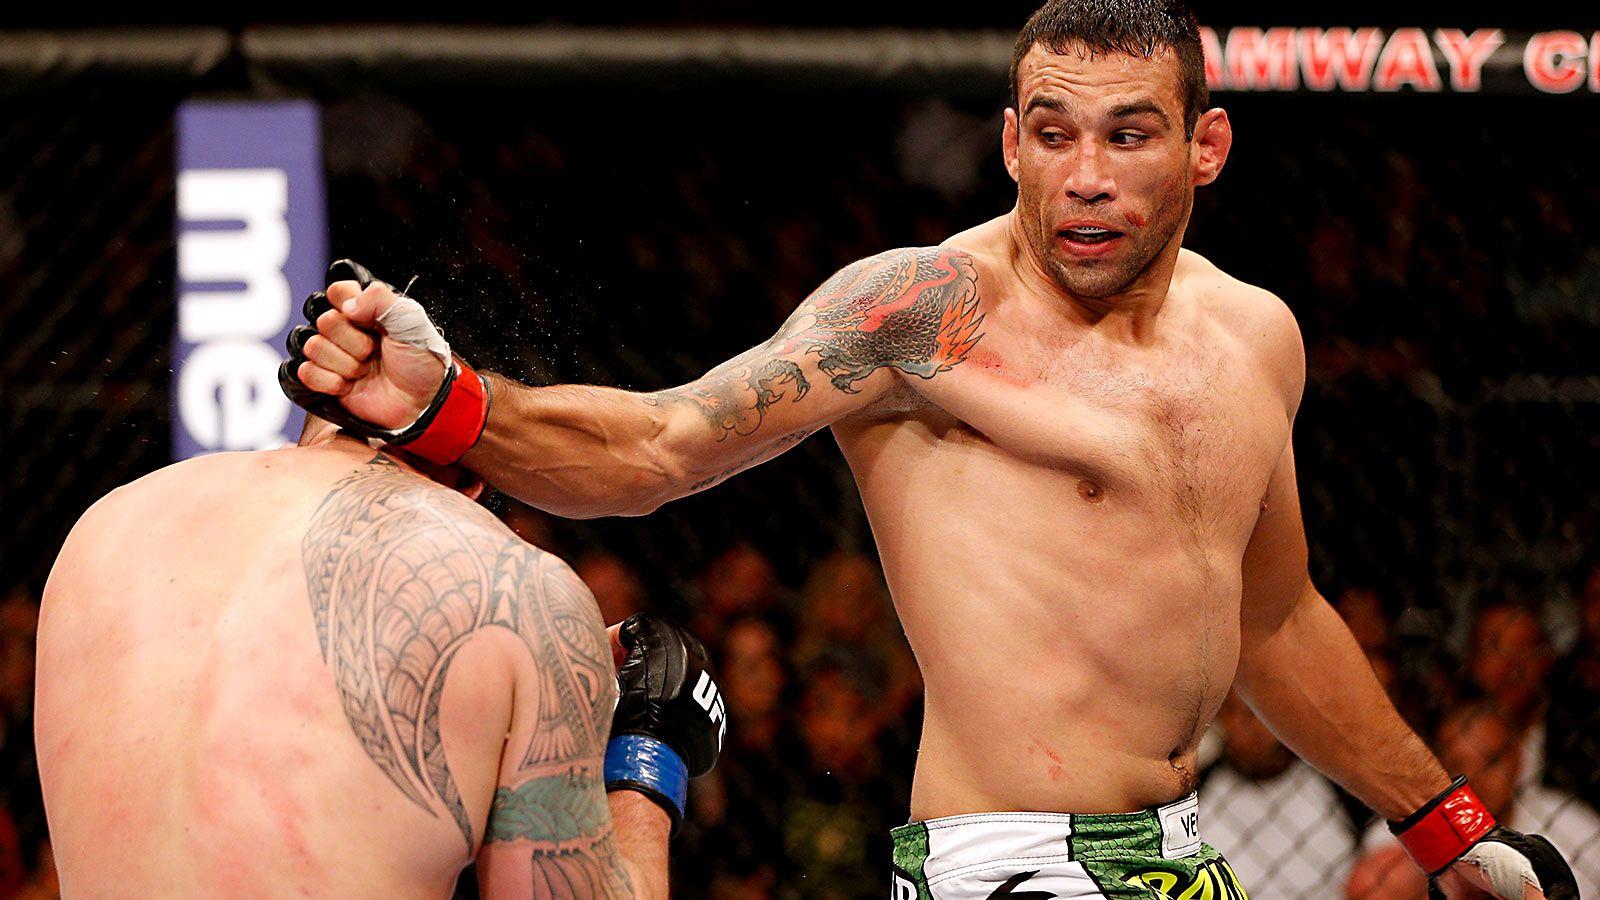 La gran pelea de la UFC se podrá ver en Argentina en vivo y en directo